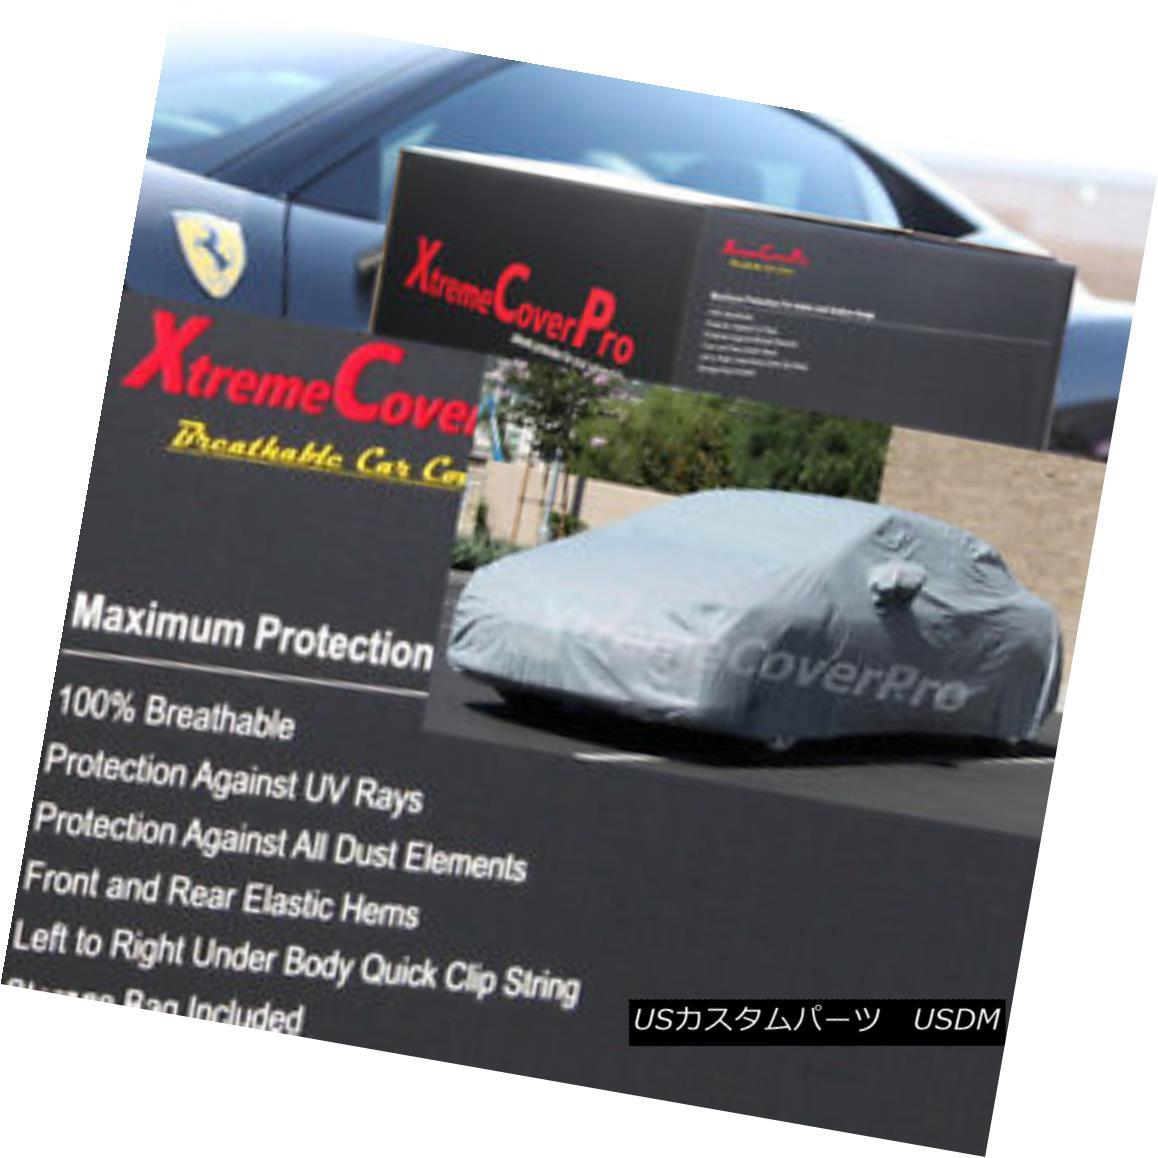 カーカバー 1991 1992 1993 Dodge Stealth Breathable Car Cover w/MirrorPocket 1991 1992 1993 Dodgeステルス通気性の車カバー付きMirrorPocket